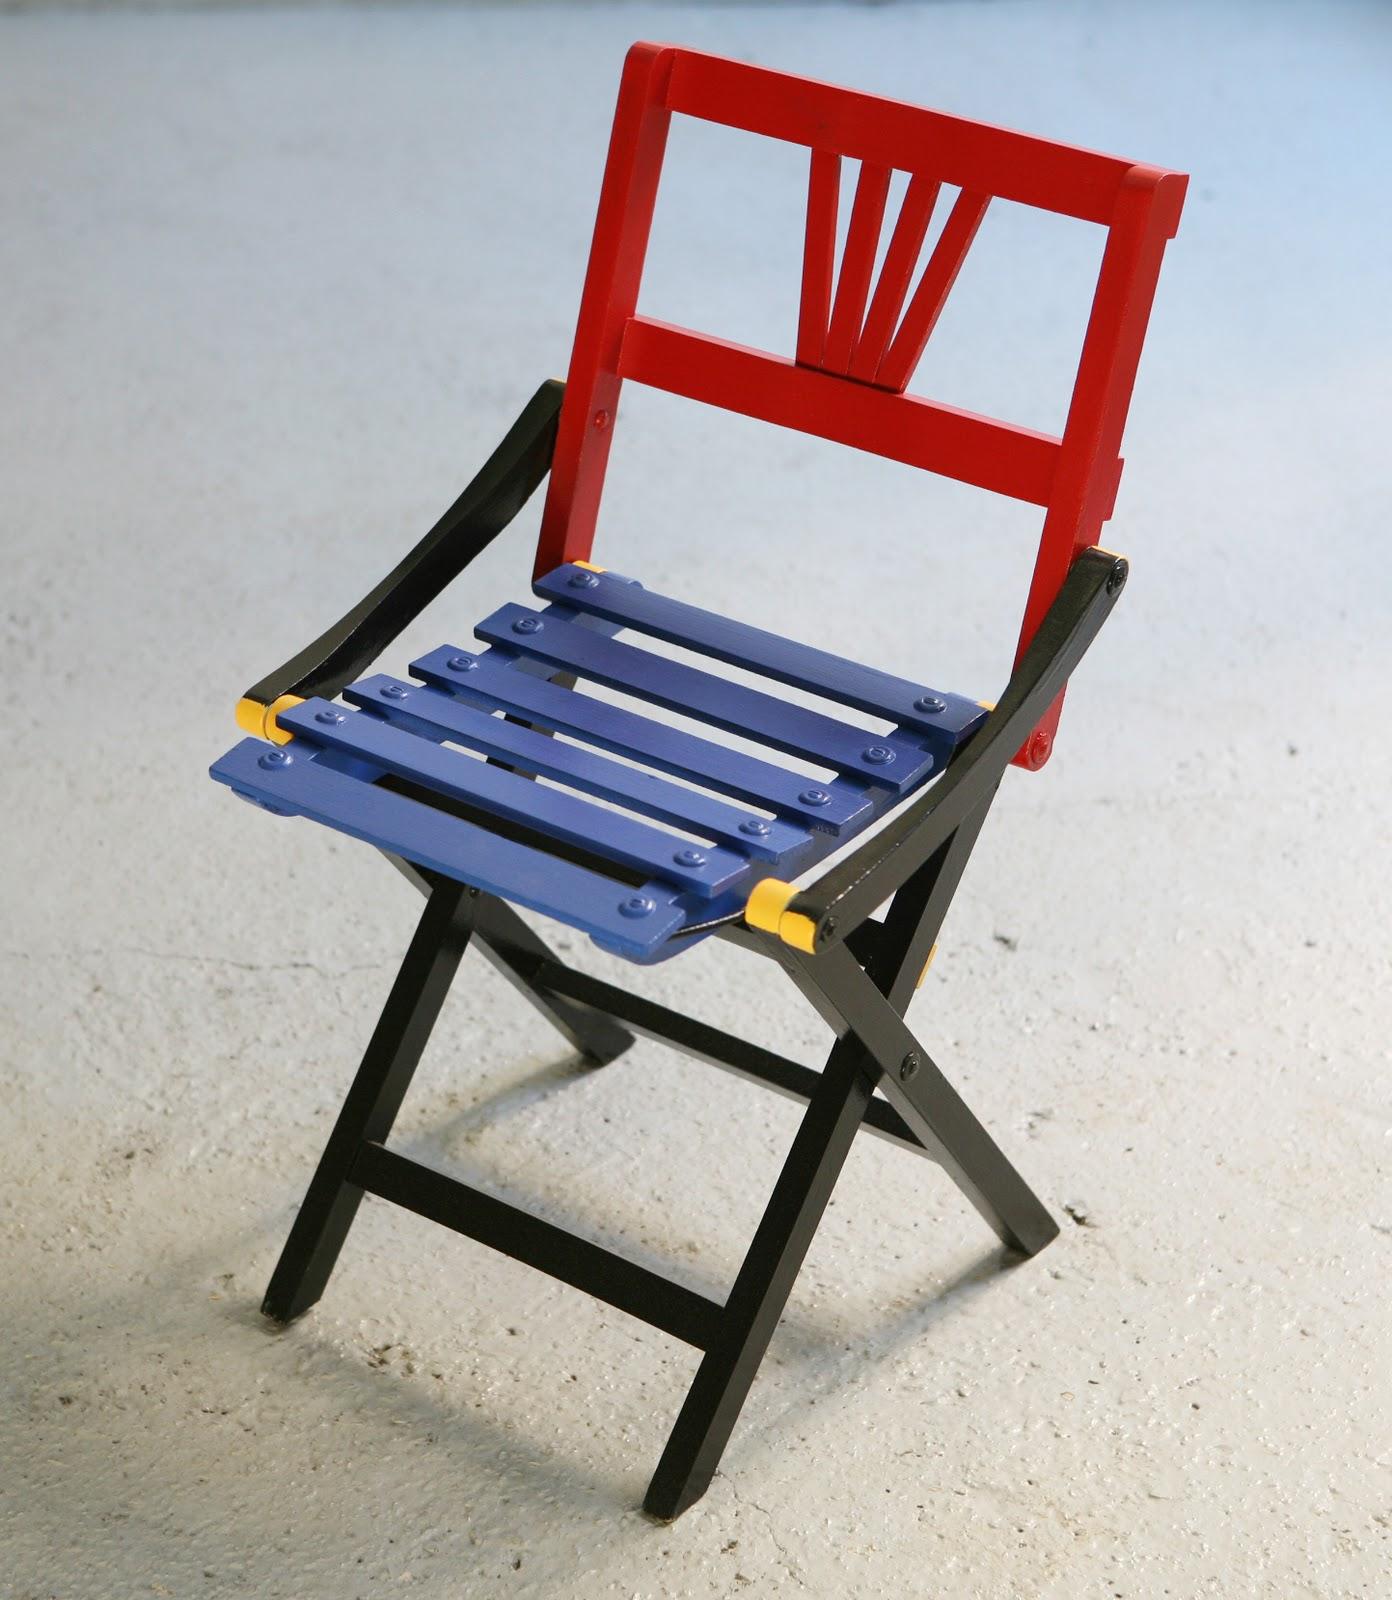 Les enfants de dada la chaise gerrit for Chaise rouge et bleue